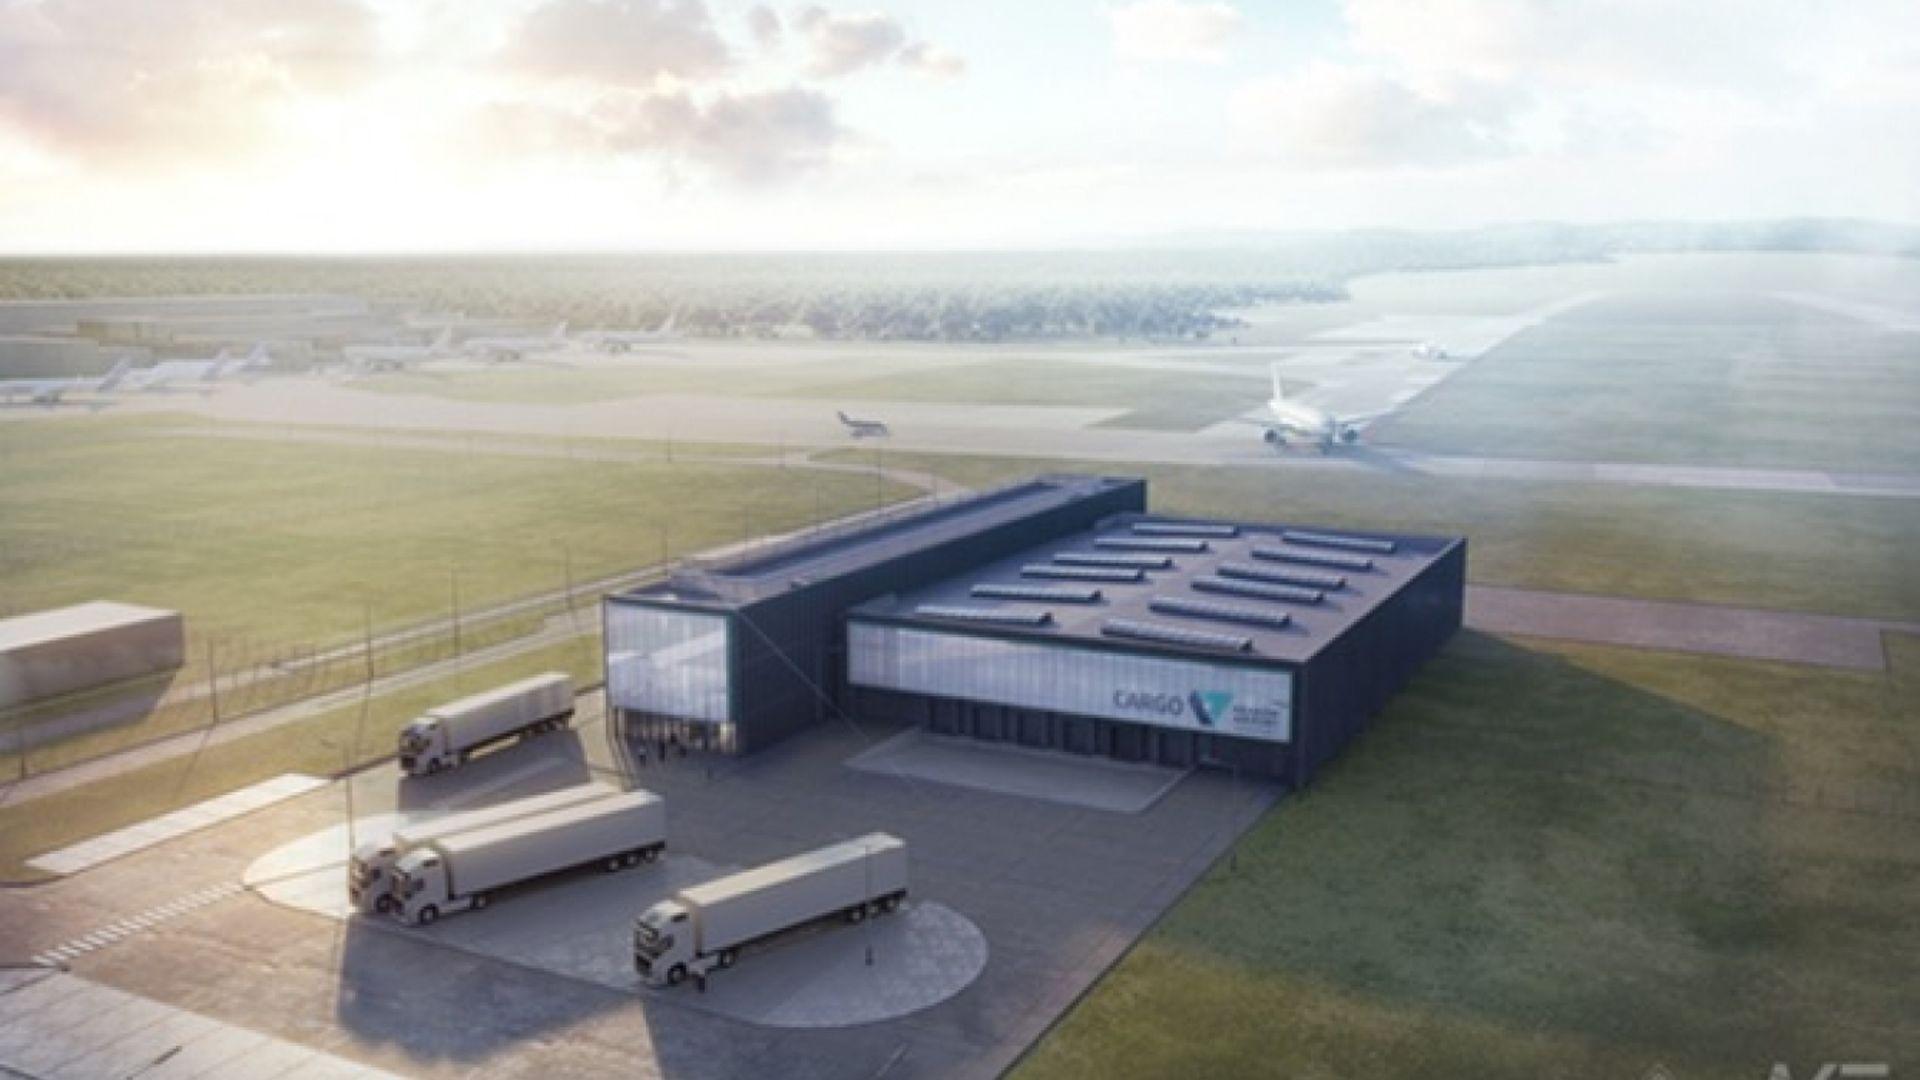 18 firm zgłosiło się do przetargu na budowę terminalu cargo na lotnisku Kraków-Balice